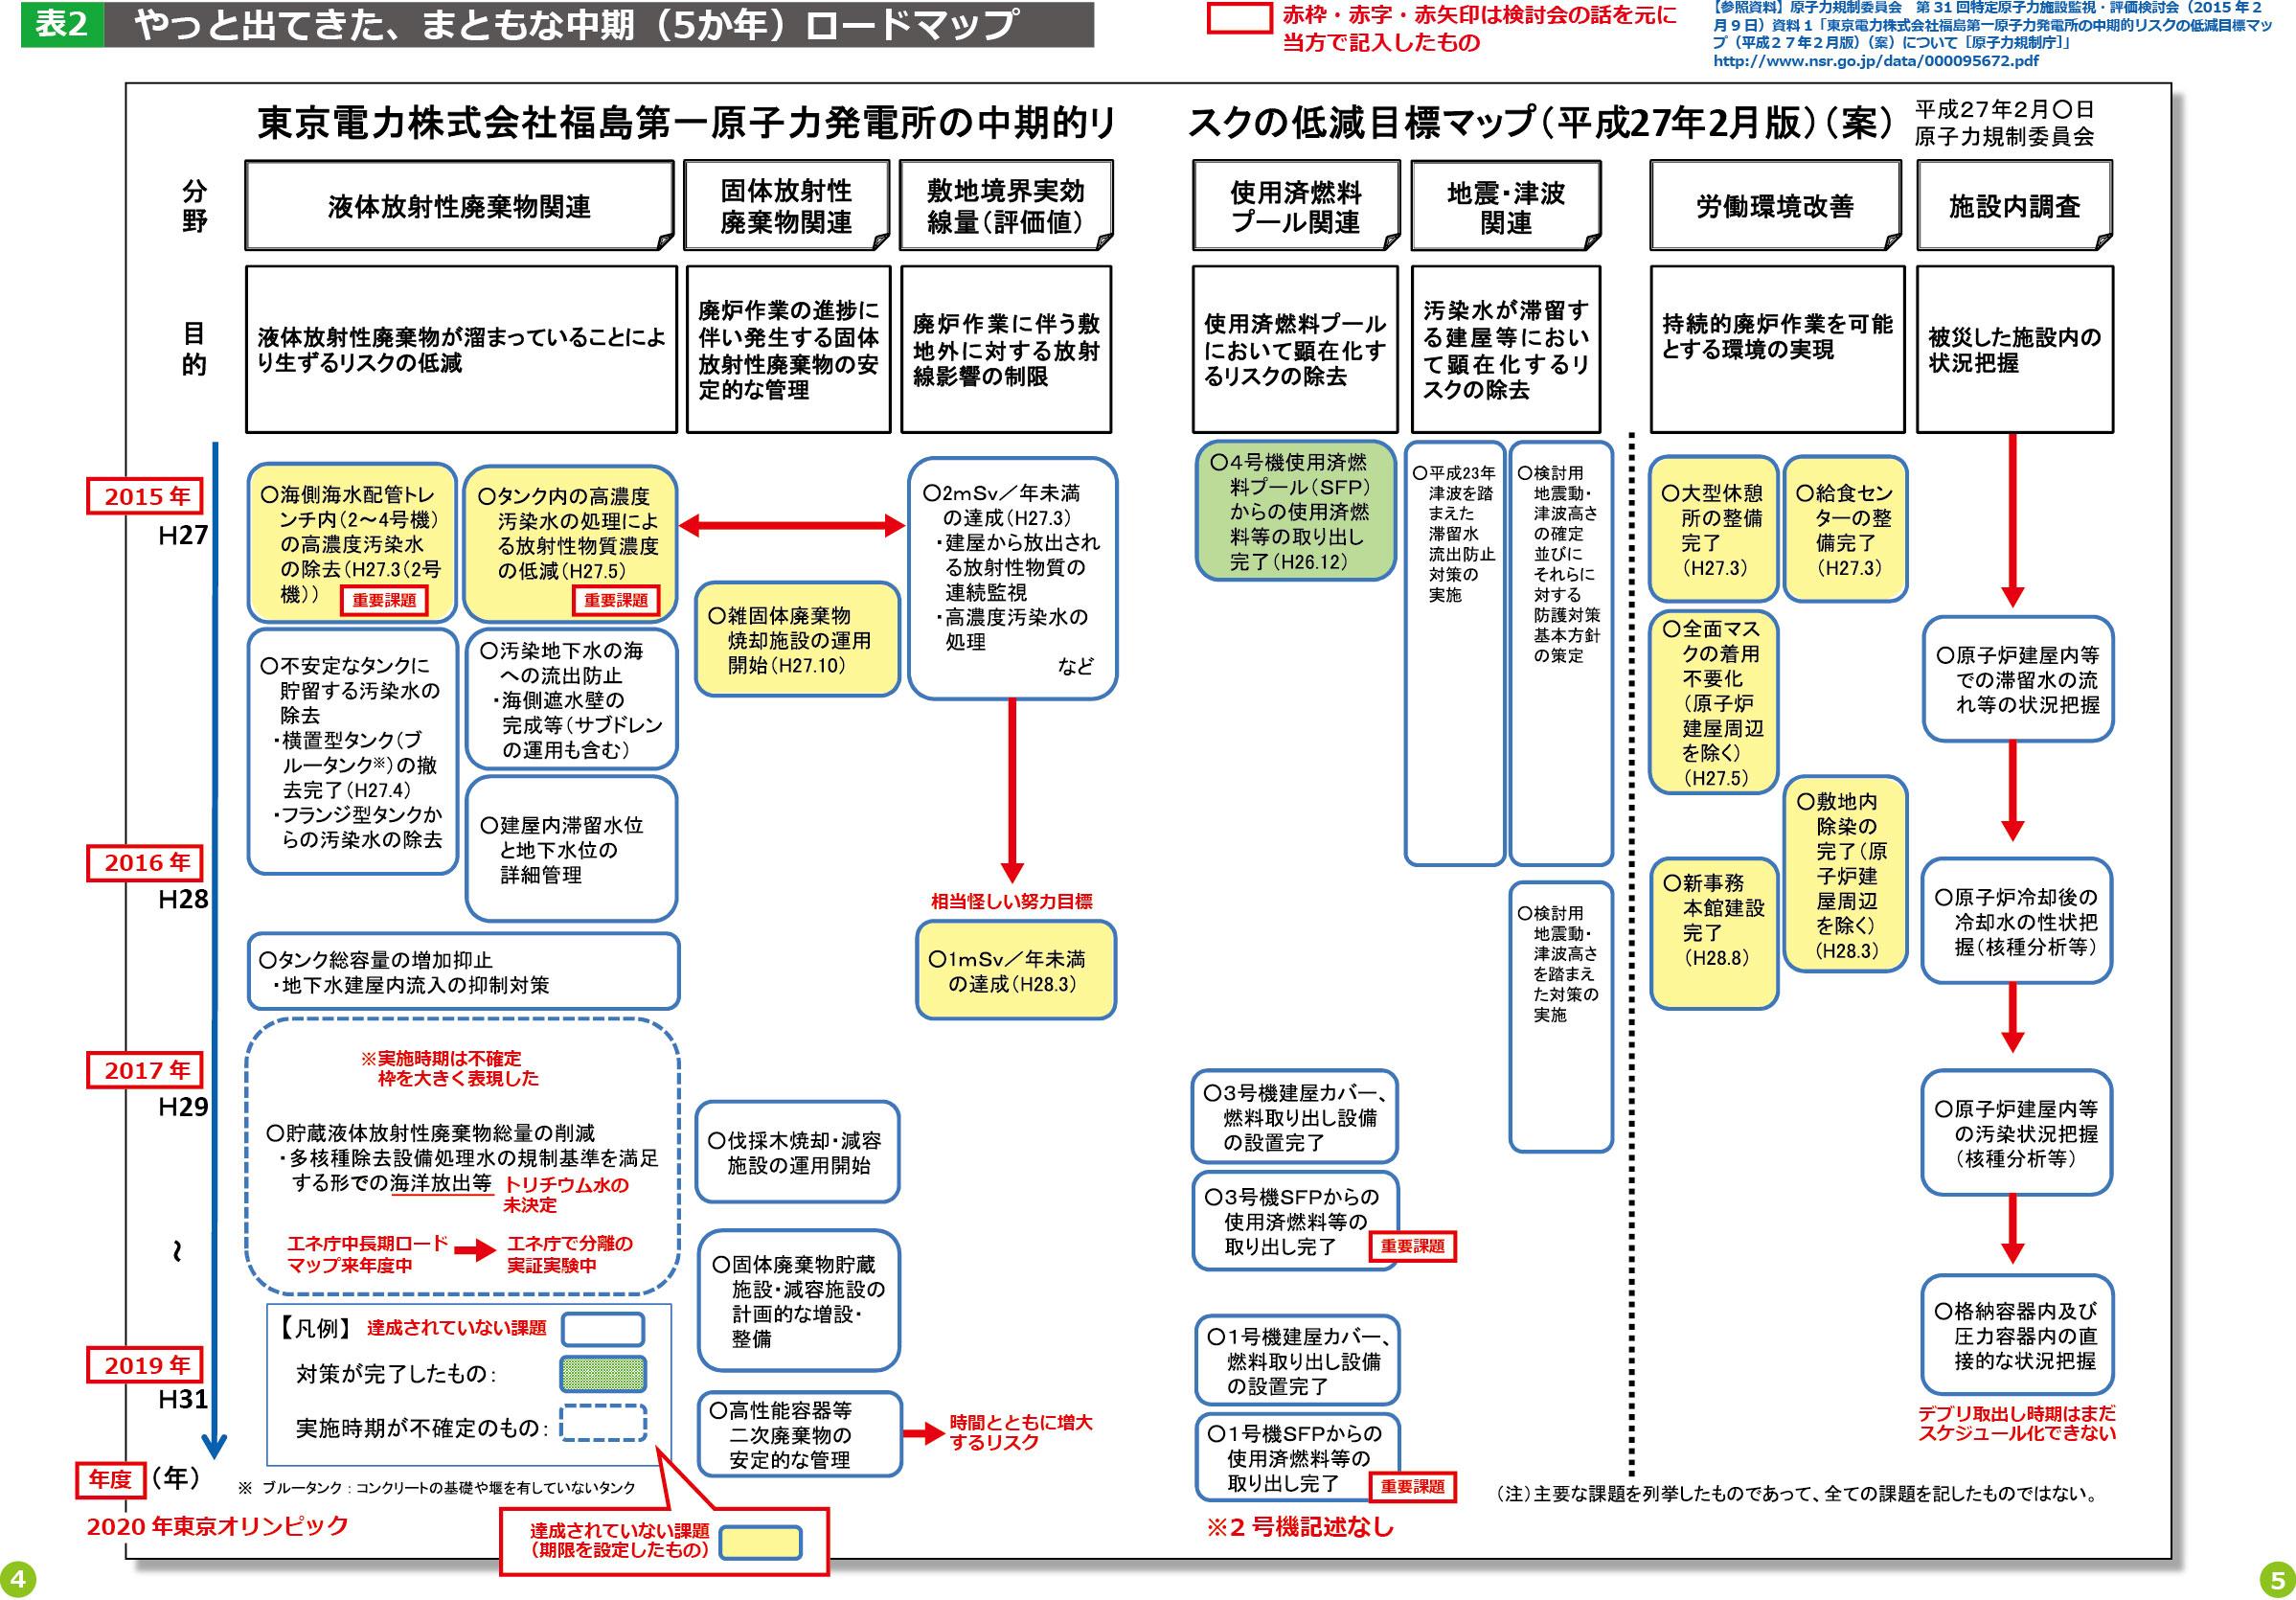 ファイル 400-3.jpg